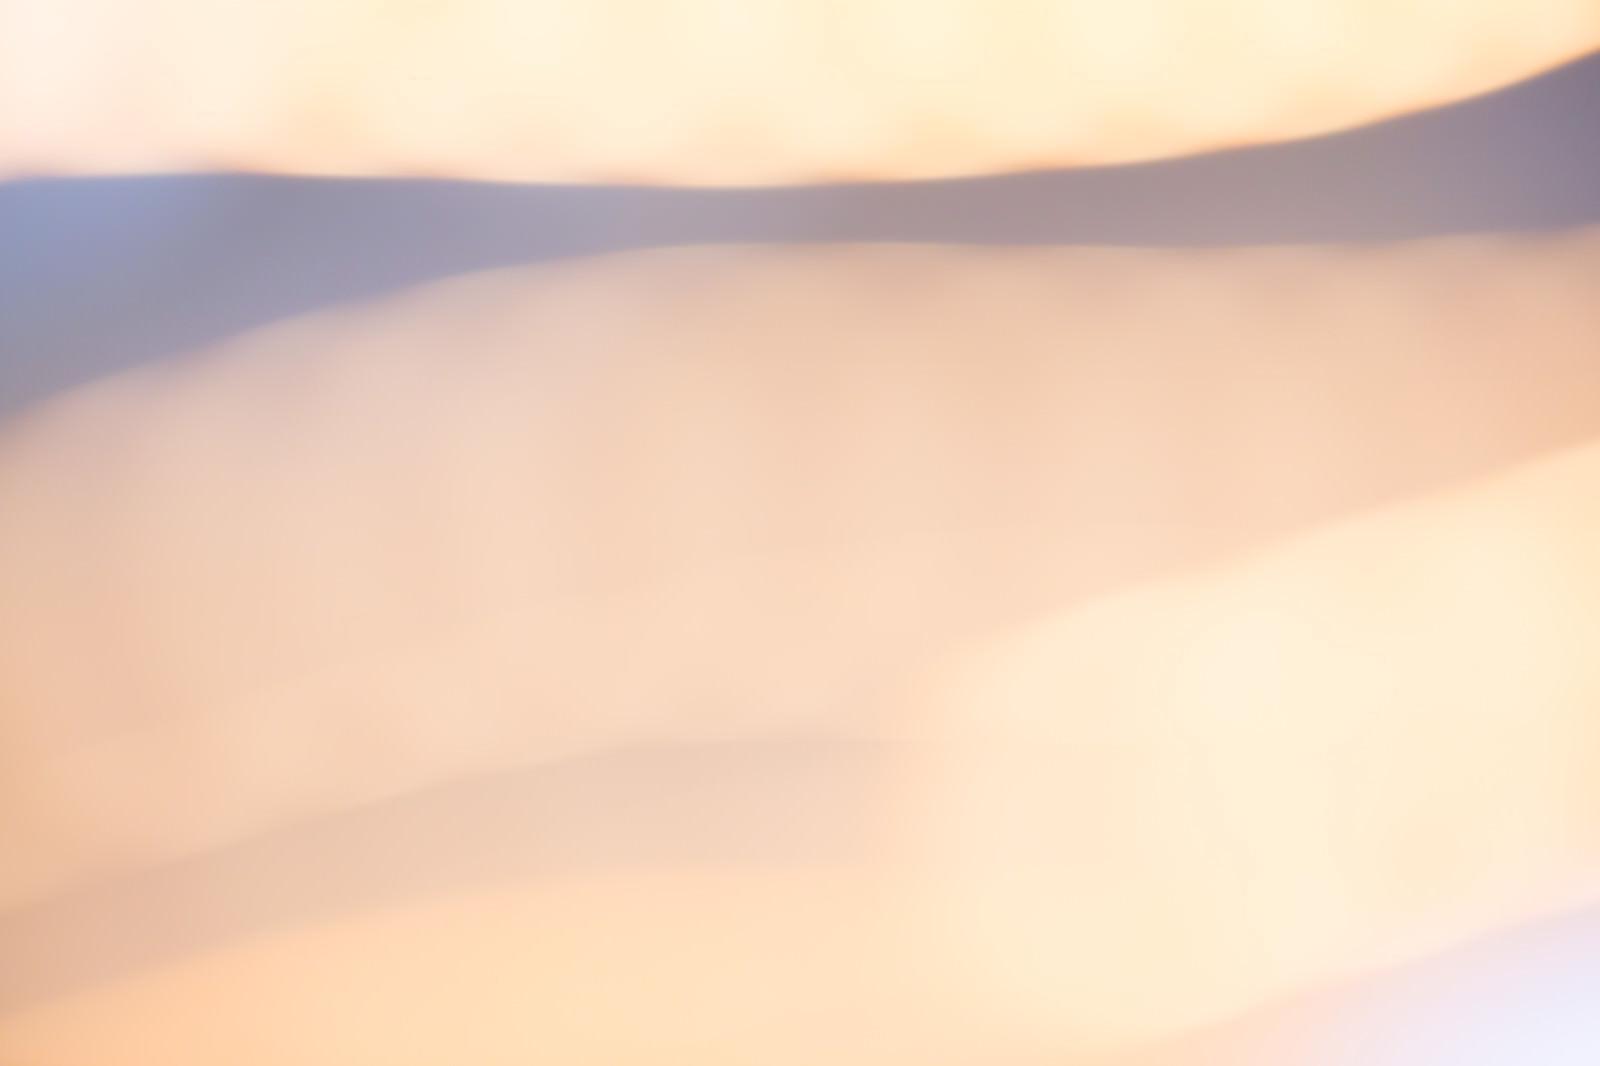 「オレンジ色の光」の写真